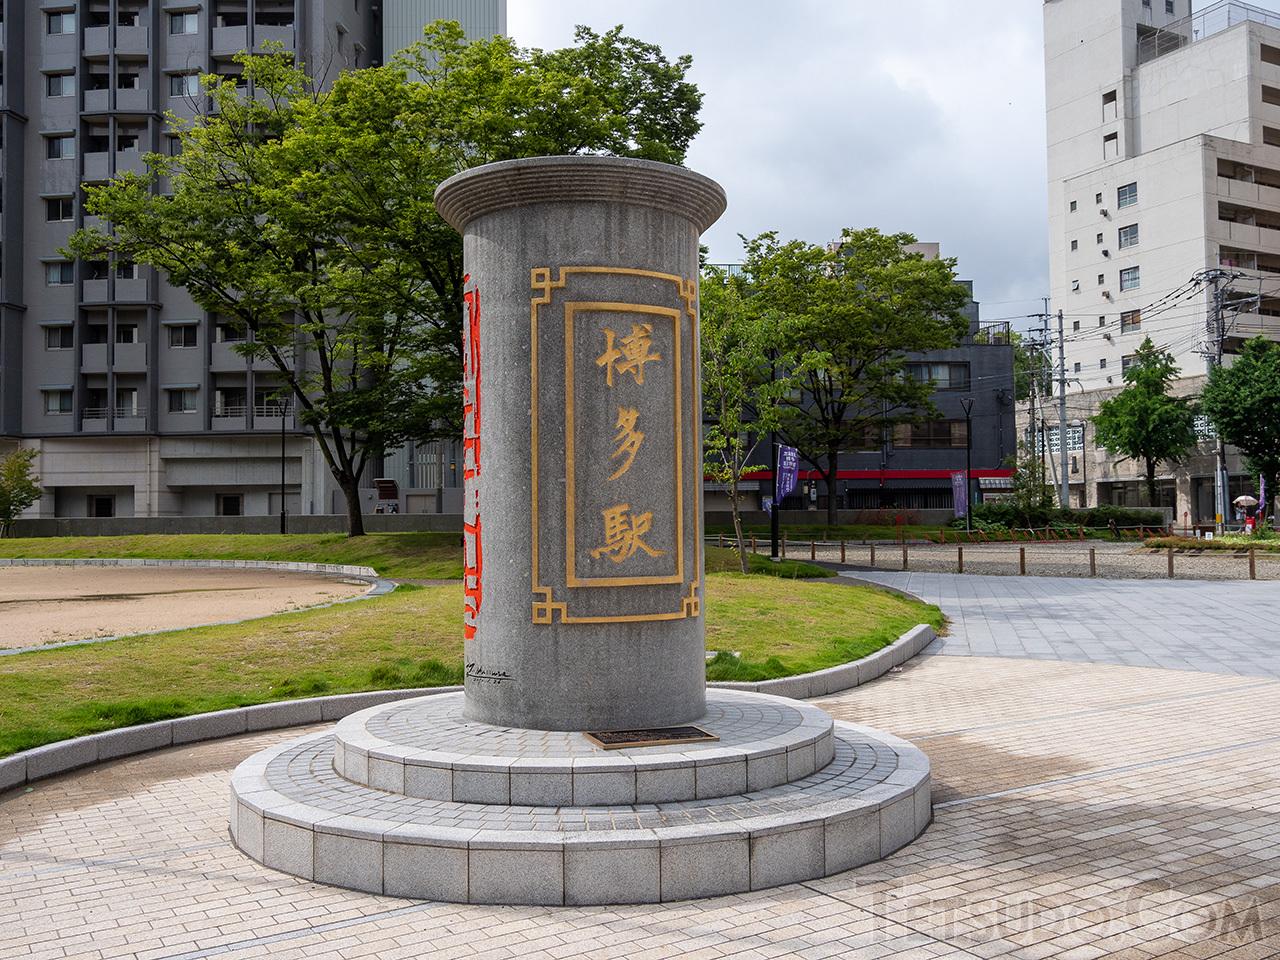 福岡市内の出来町公園には、旧博多駅の記念碑があります。隣には九州鉄道発祥の地の碑もあります